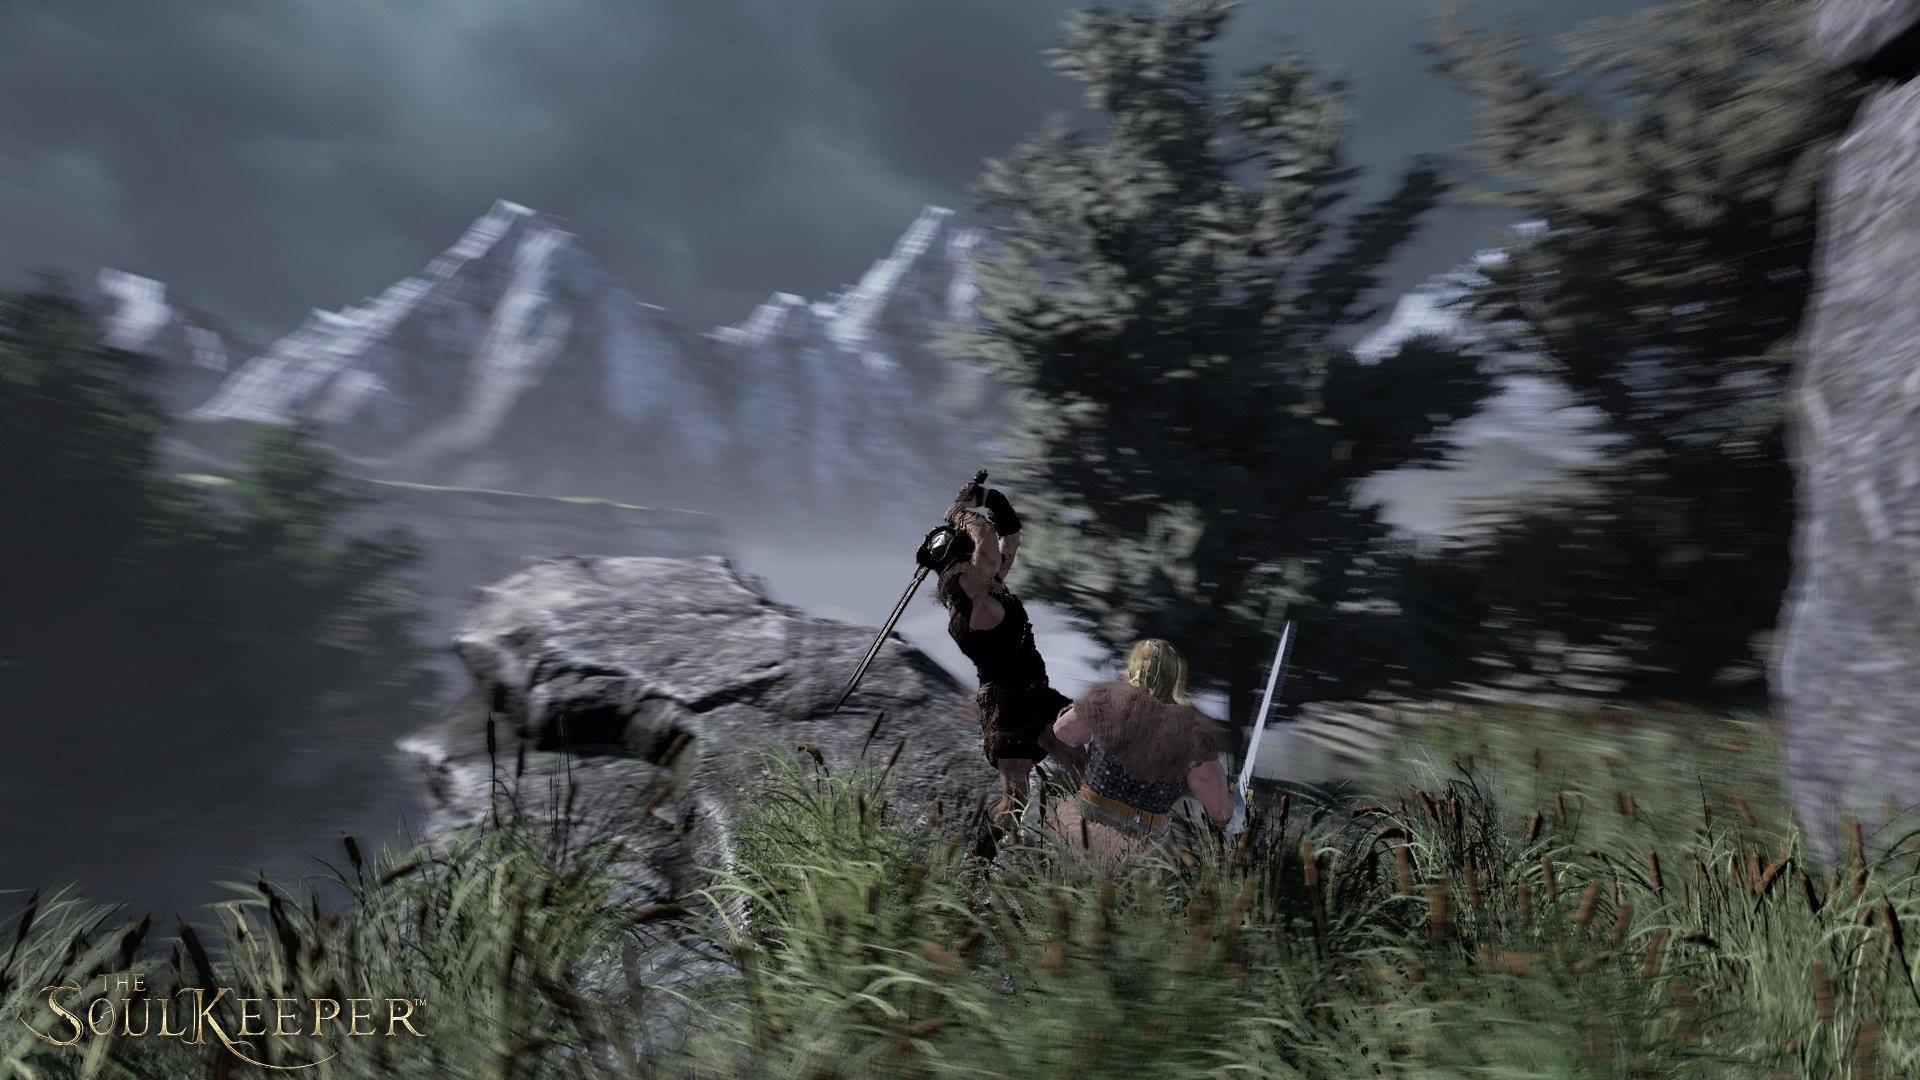 The Soul Keeper - RPG на Unreal Engine 4 - Первые скриншоты... Скайрим ты ли это ? - Изображение 5